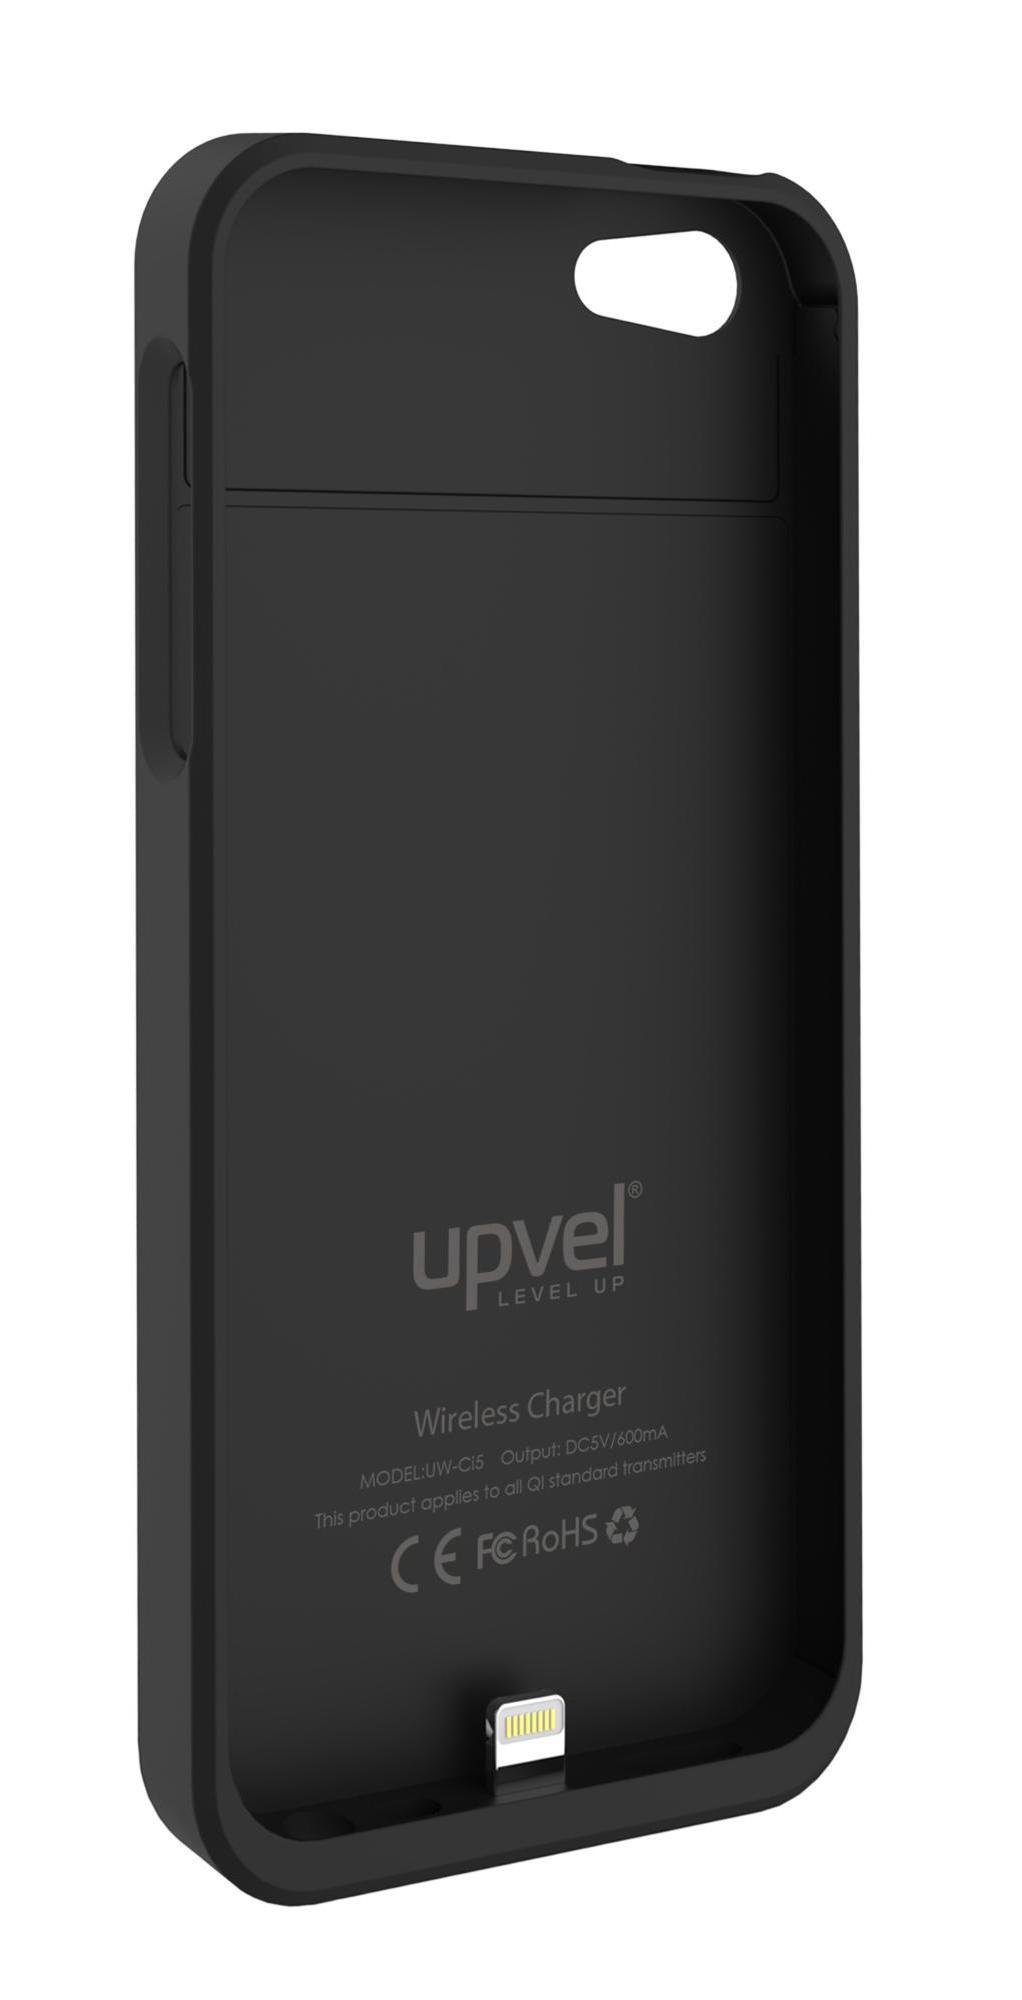 UPVEL UQ-Ci5 Stingray для iPhone 5/5s, Black чехол-приемник для беспроводной зарядки стандарта Qi